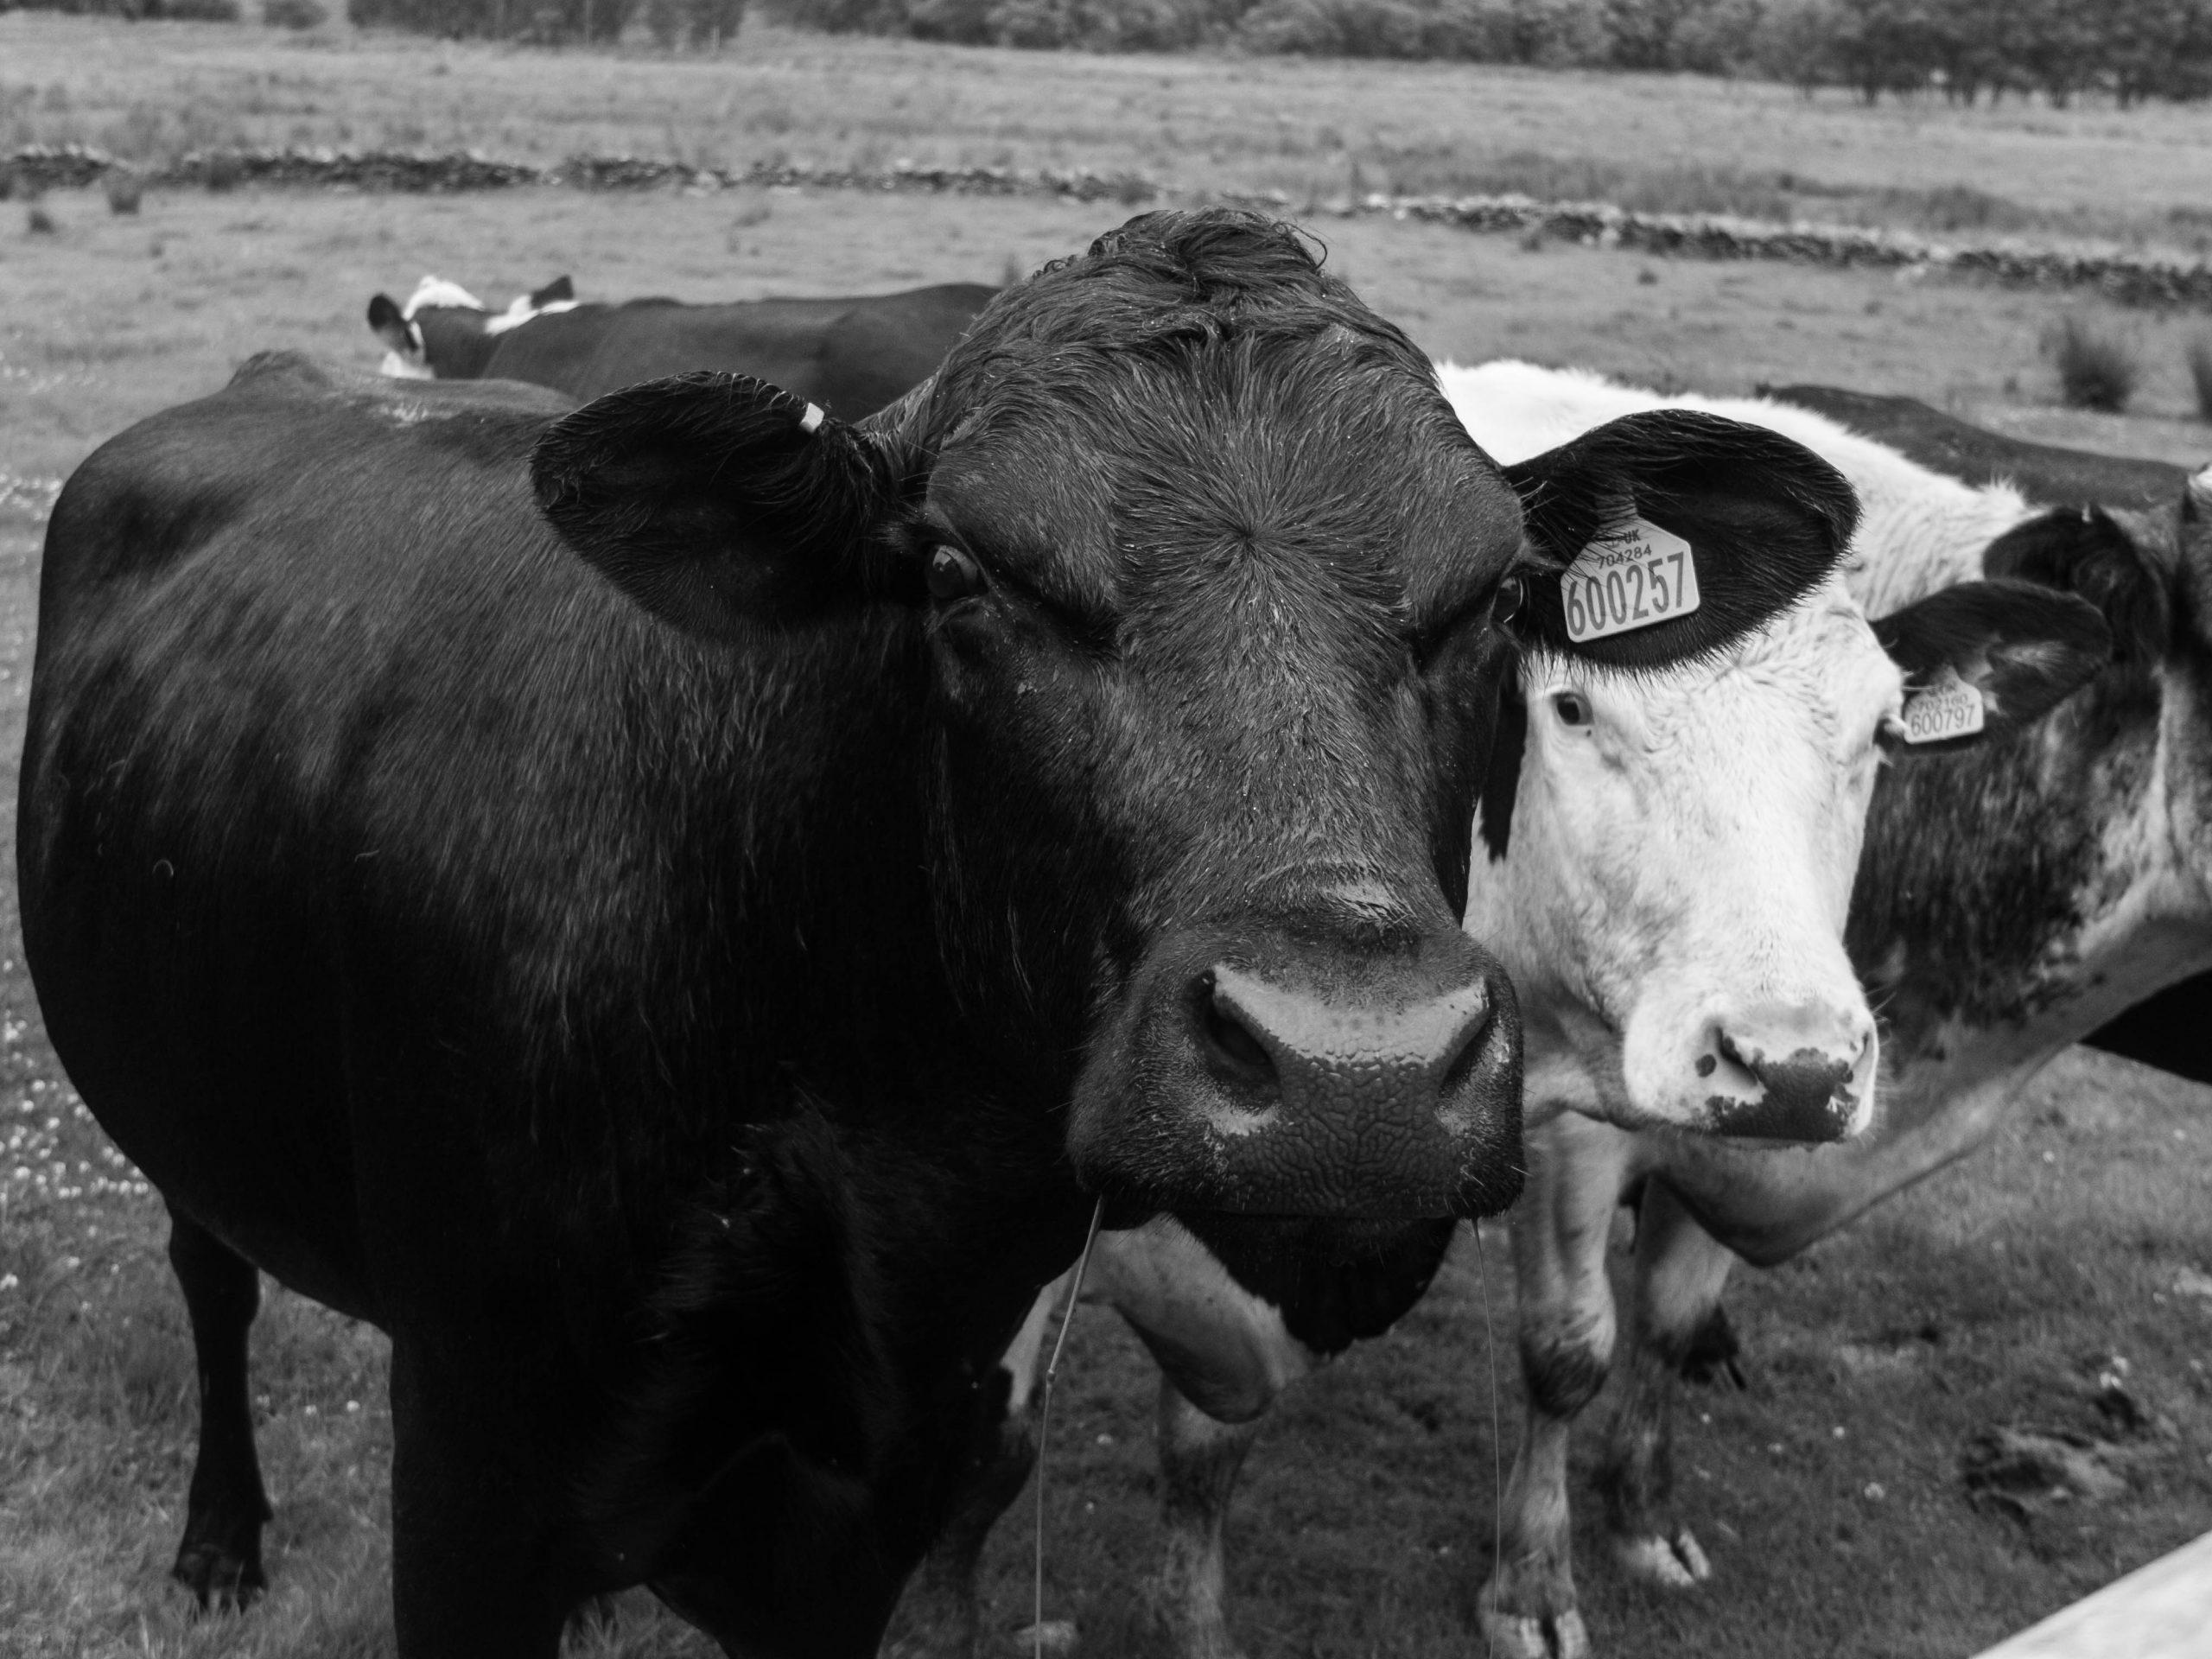 Cows in a field in Harlech